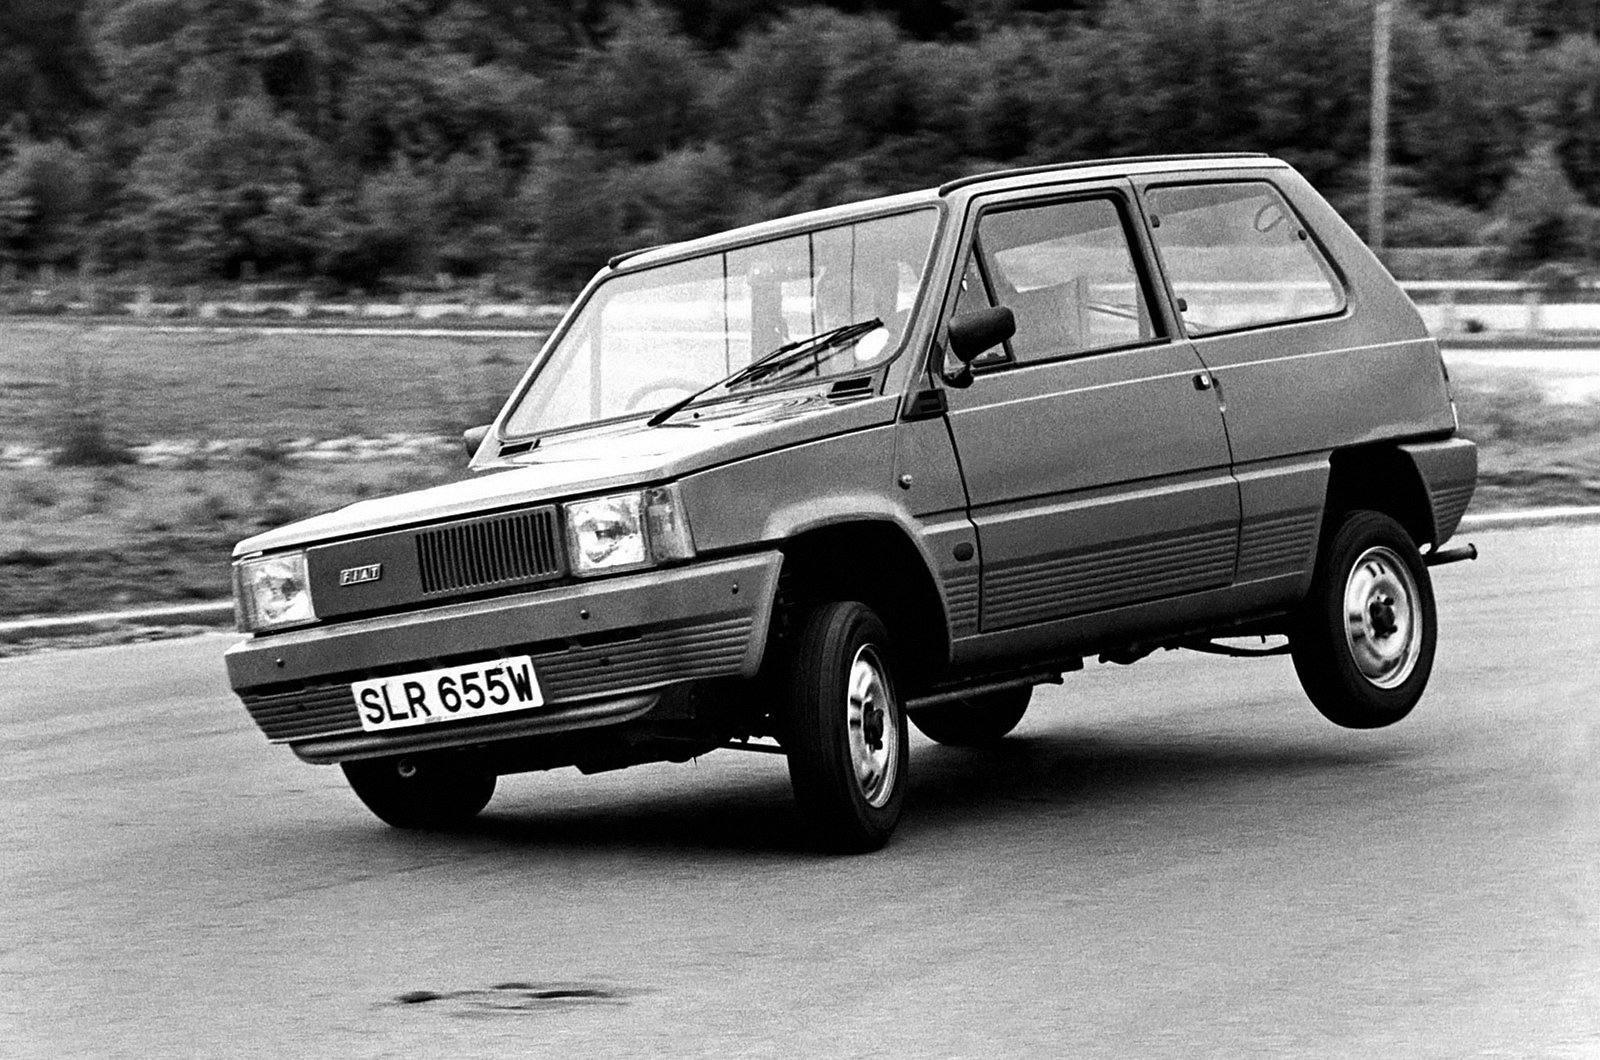 Fiat Panda 45 1980 8